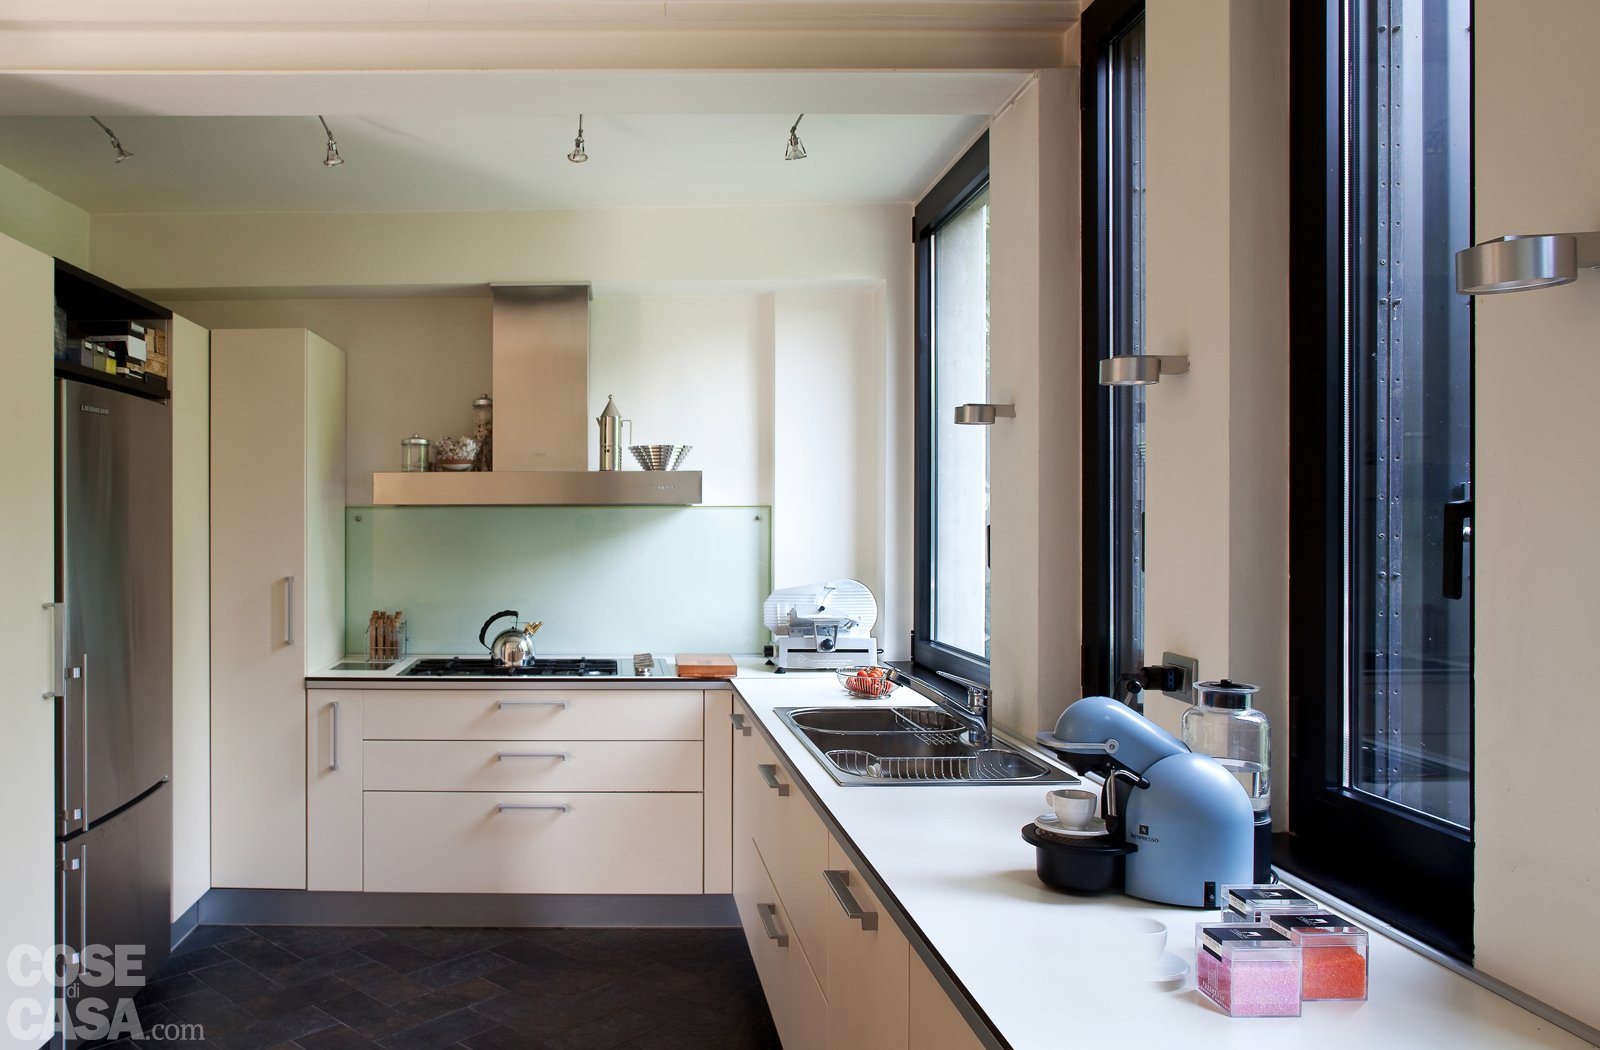 Una Casa Con Soluzioni Che Moltiplicano La Luce Cose Di Casa #4A5F81 1600 1050 Immagini Di Cucine Americane